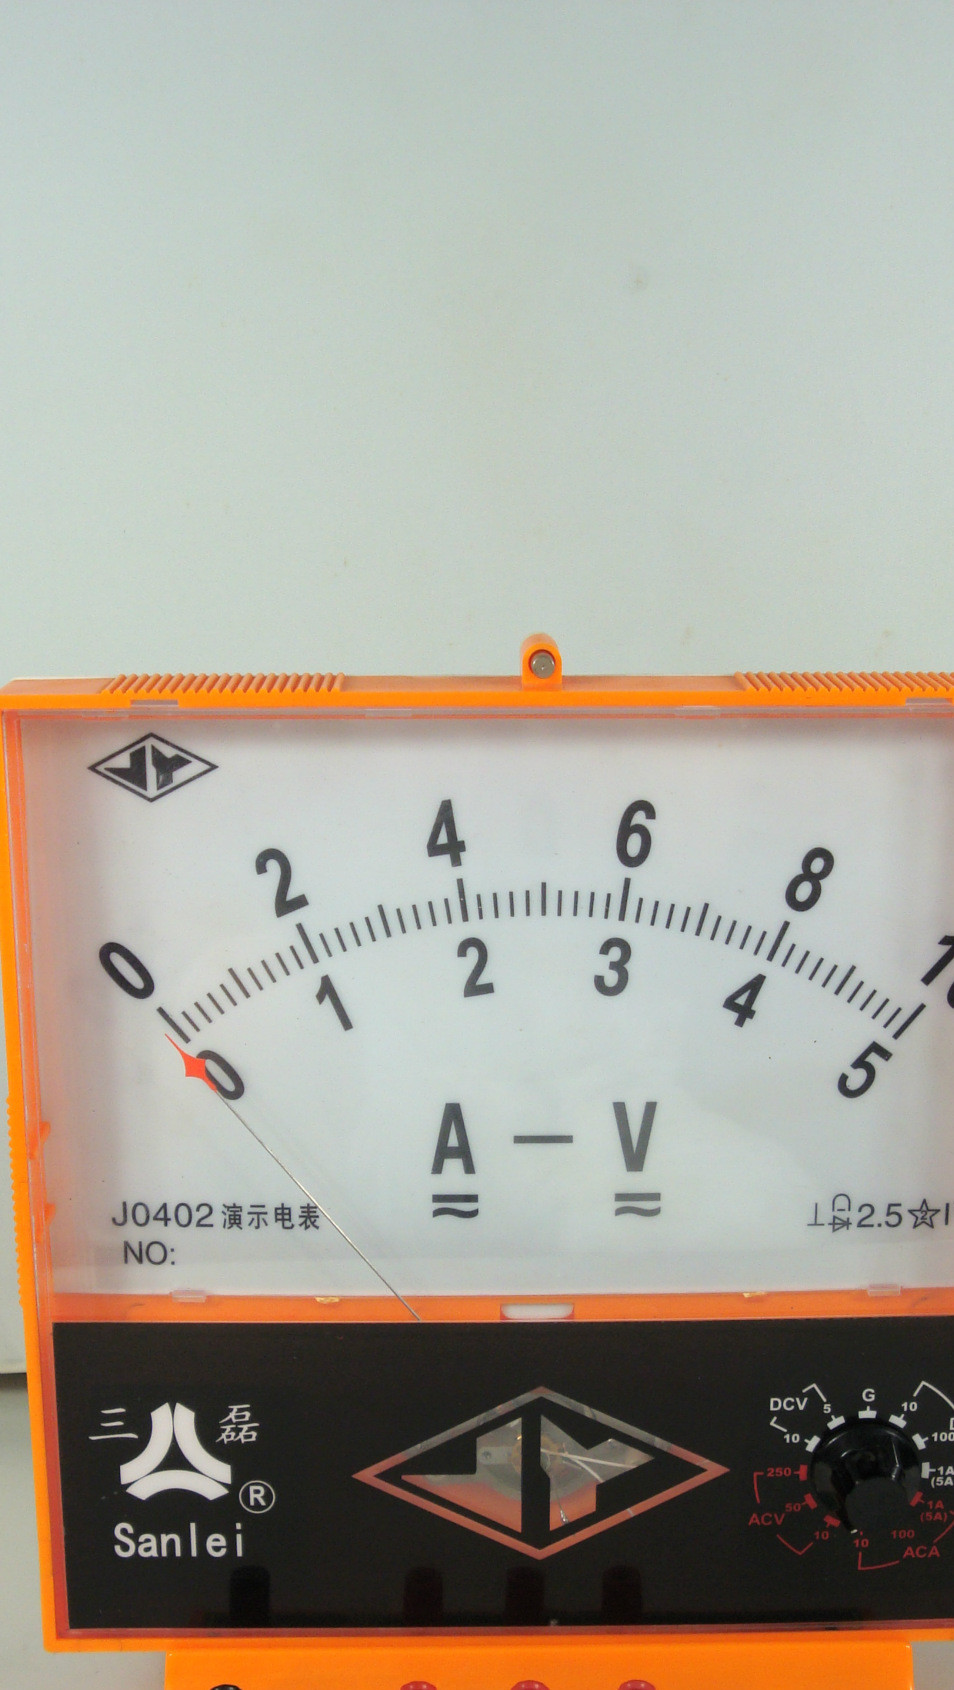 J0402 演示电流电压表 物理教学实验仪器 物理教学仪器 实验仪器